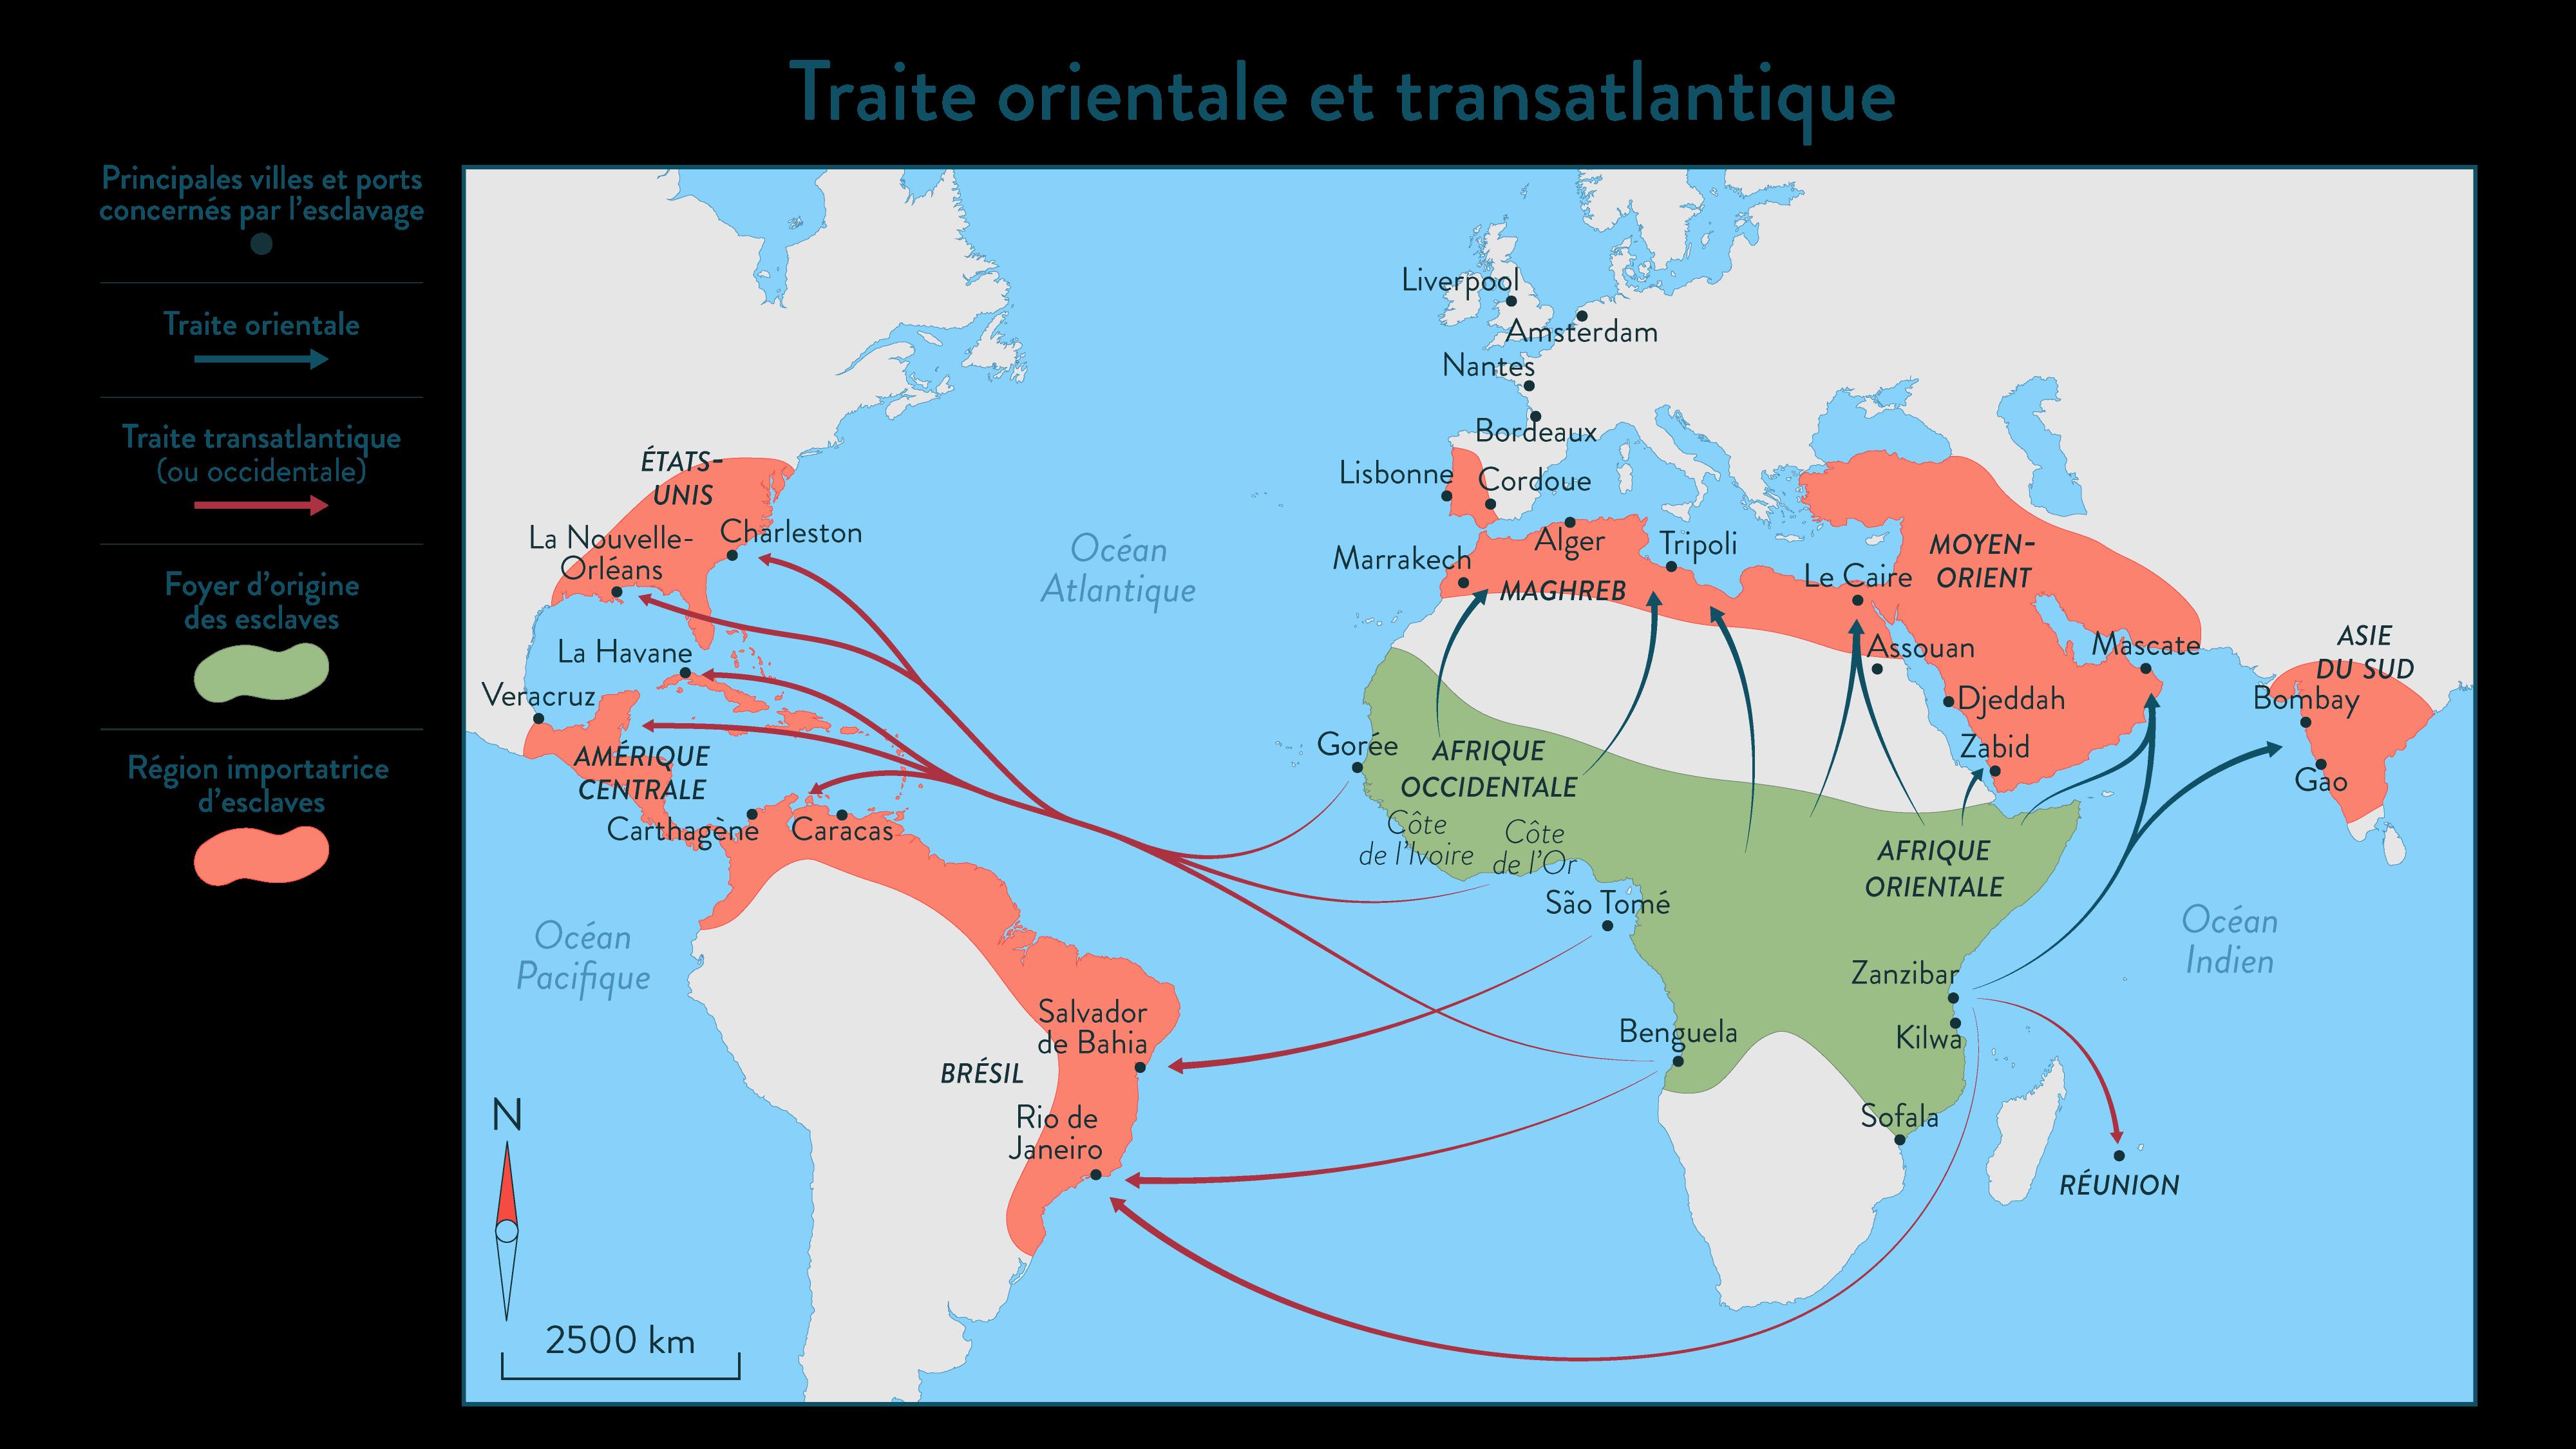 Traite orientale et transatlantique - Histoire - SchoolMouv - 2de